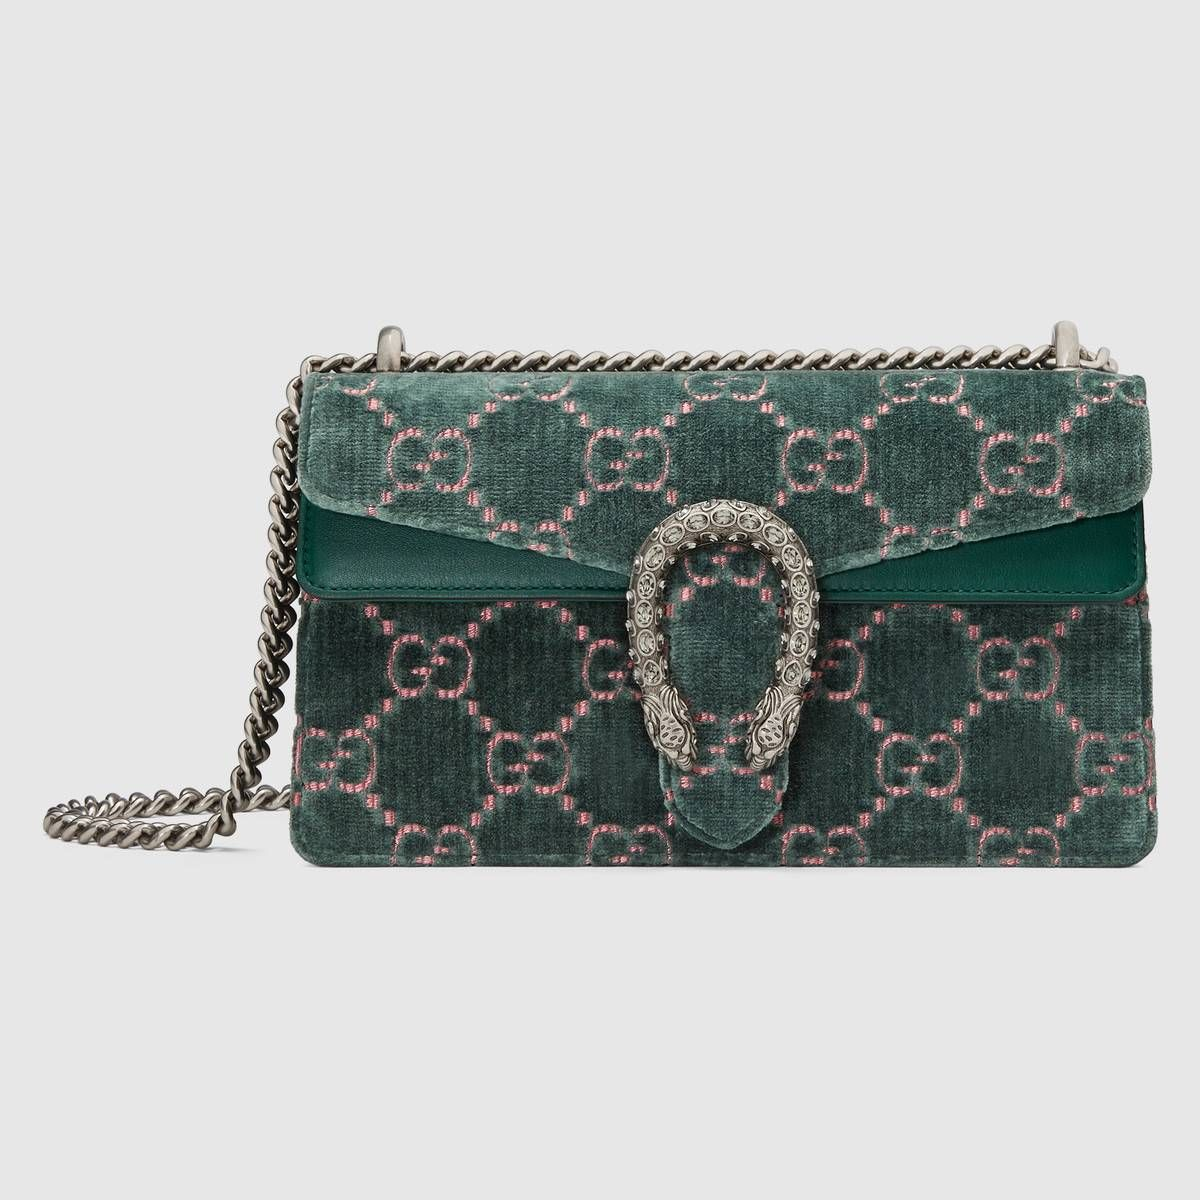 d875562a7a1d0 Dionysus GG velvet small shoulder bag in Blue GG velvet